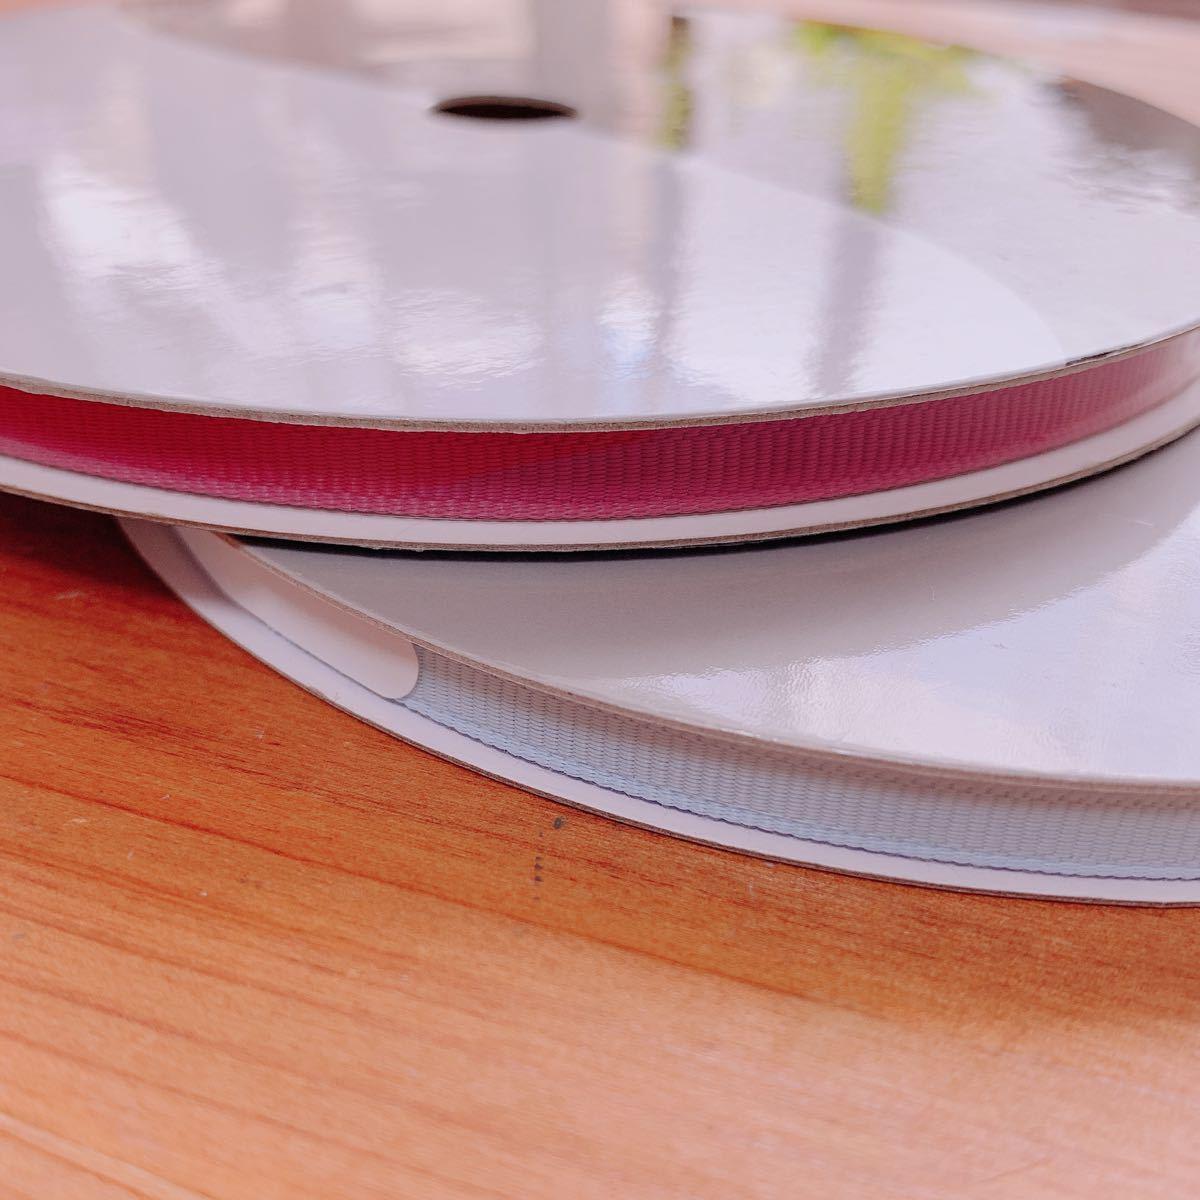 ラッピング用品 リボン 2巻セット 梱包 プレゼント ハンドメイド